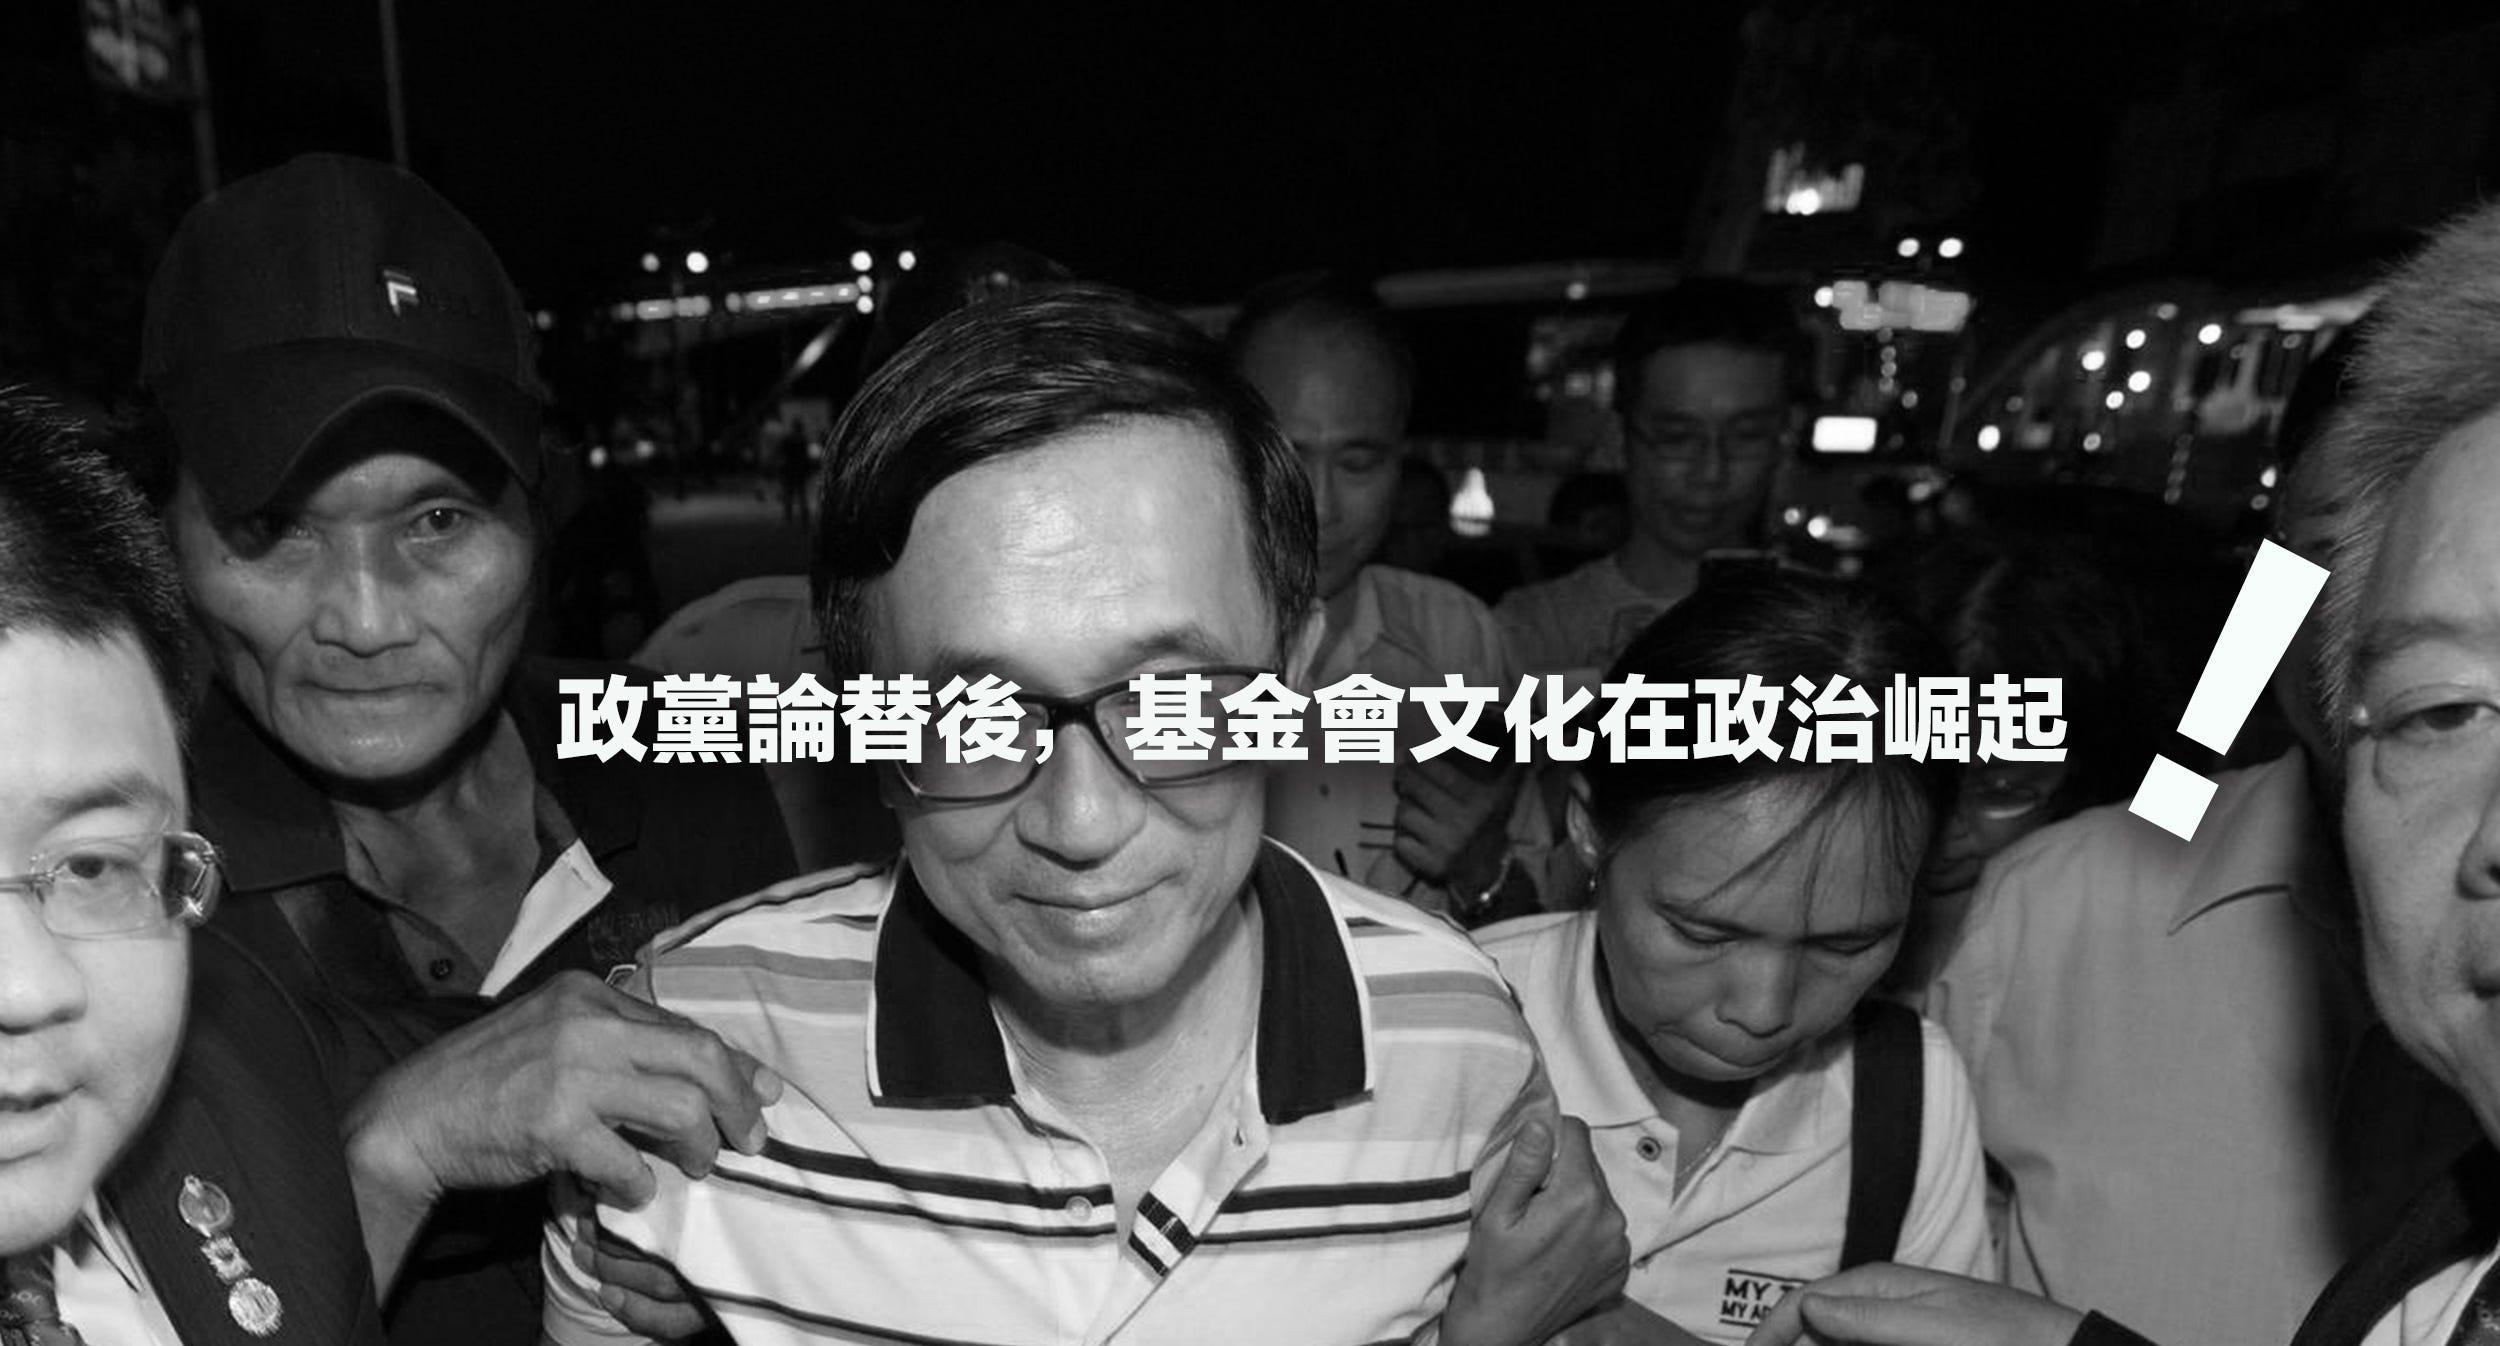 臺灣現代政治文化:基金會(二). 你需要一個基金會嗎? | by Angeldeal media | Angeldeal media | talk市場 | Medium